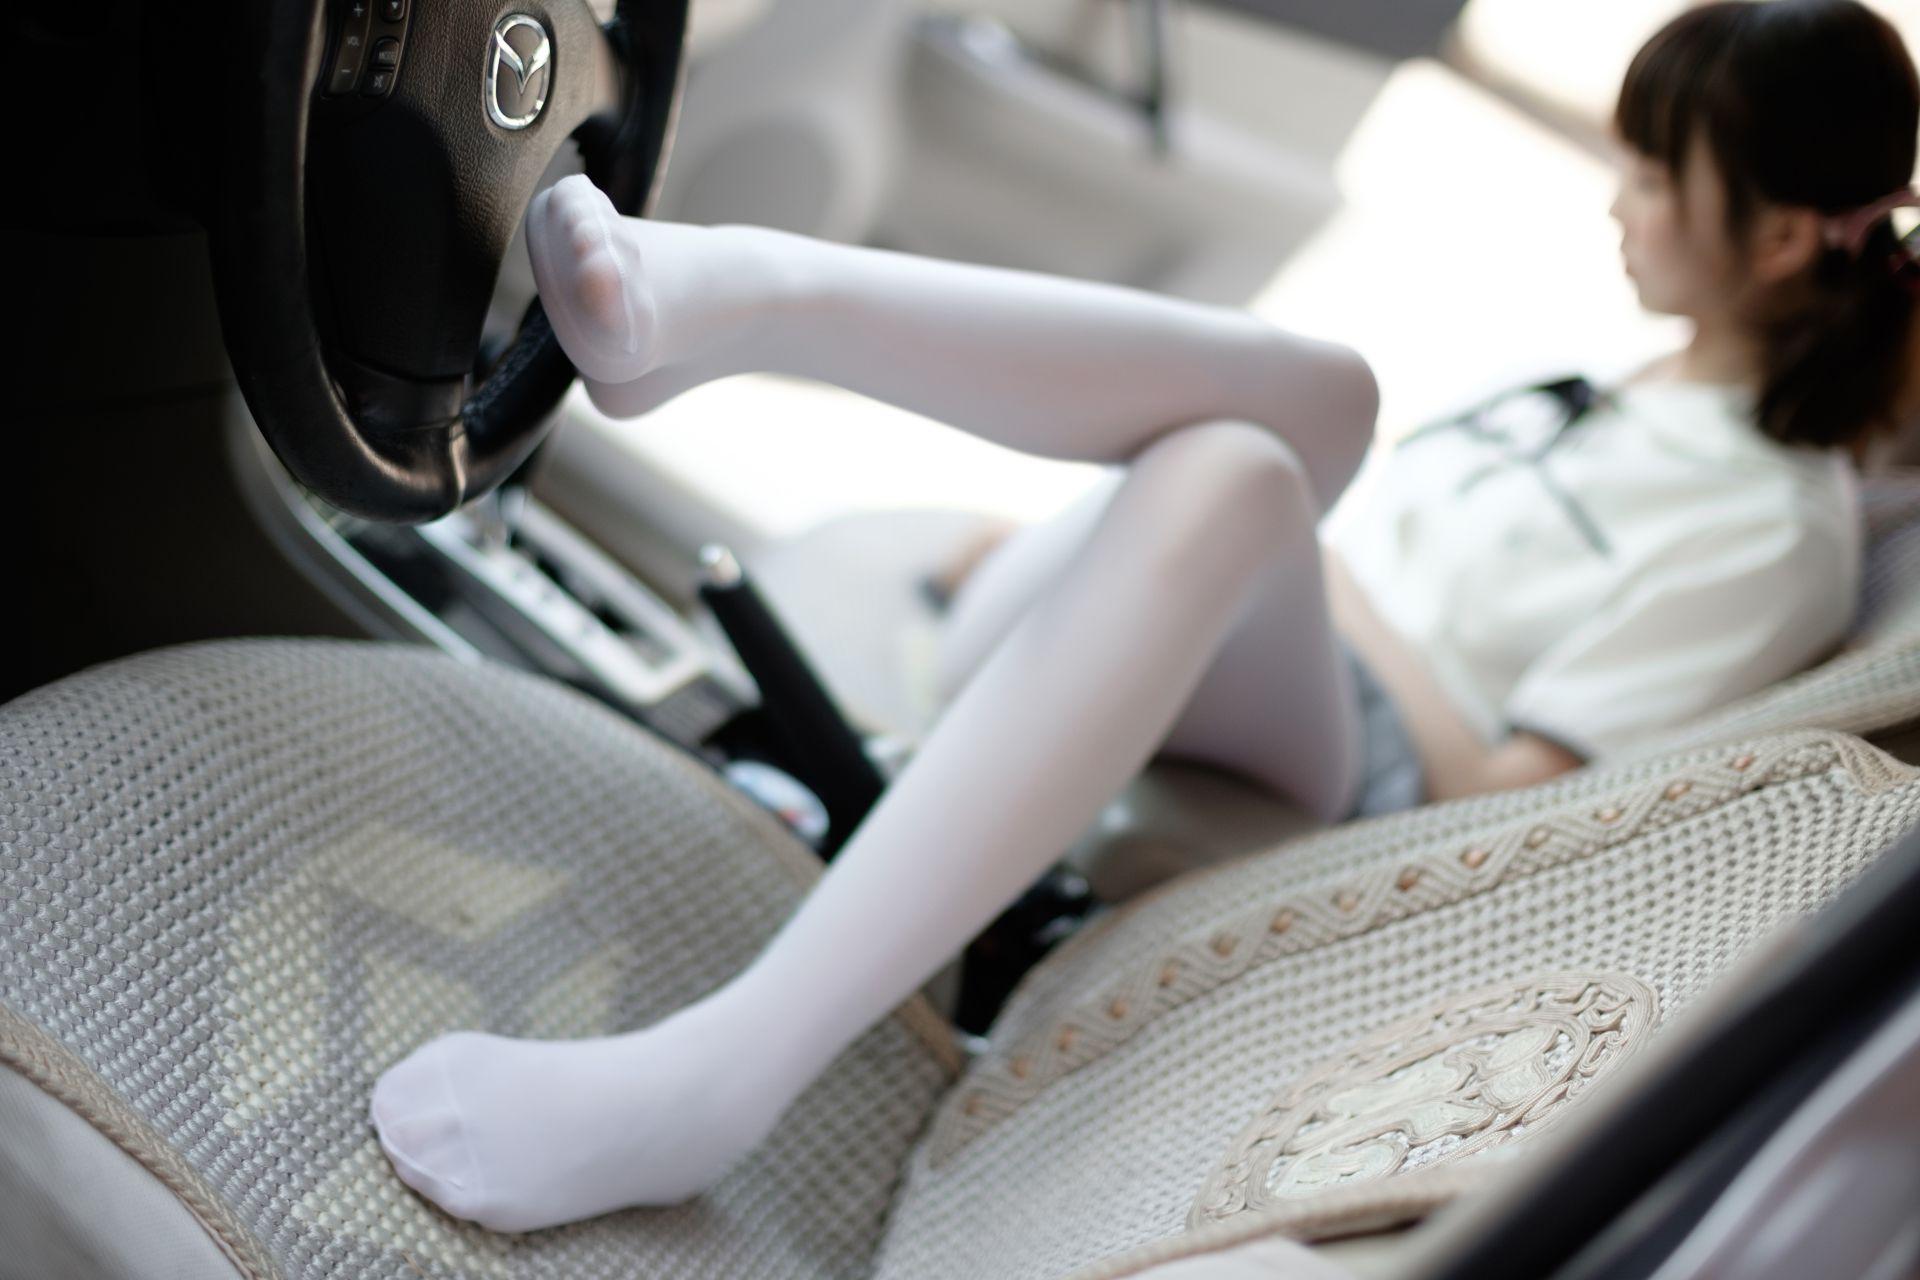 【森萝财团】森萝财团写真 - R15-023 白丝足控腿控 [75P-502MB] R15系列 第2张